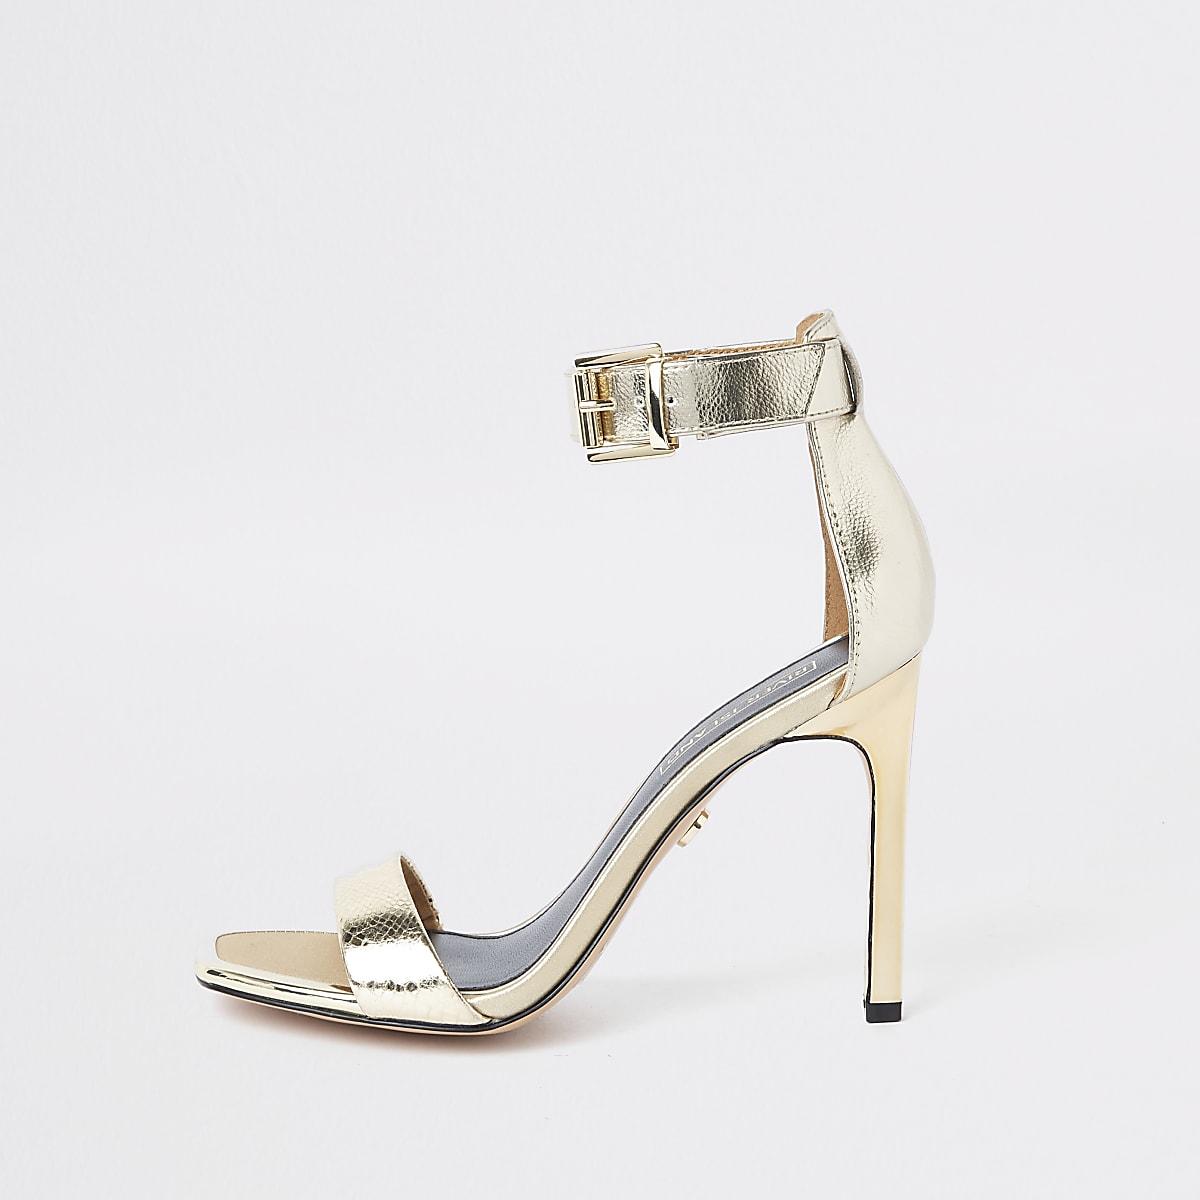 Sandales Dorées Minimalistes Carré Chaussures Bout À j354qARL